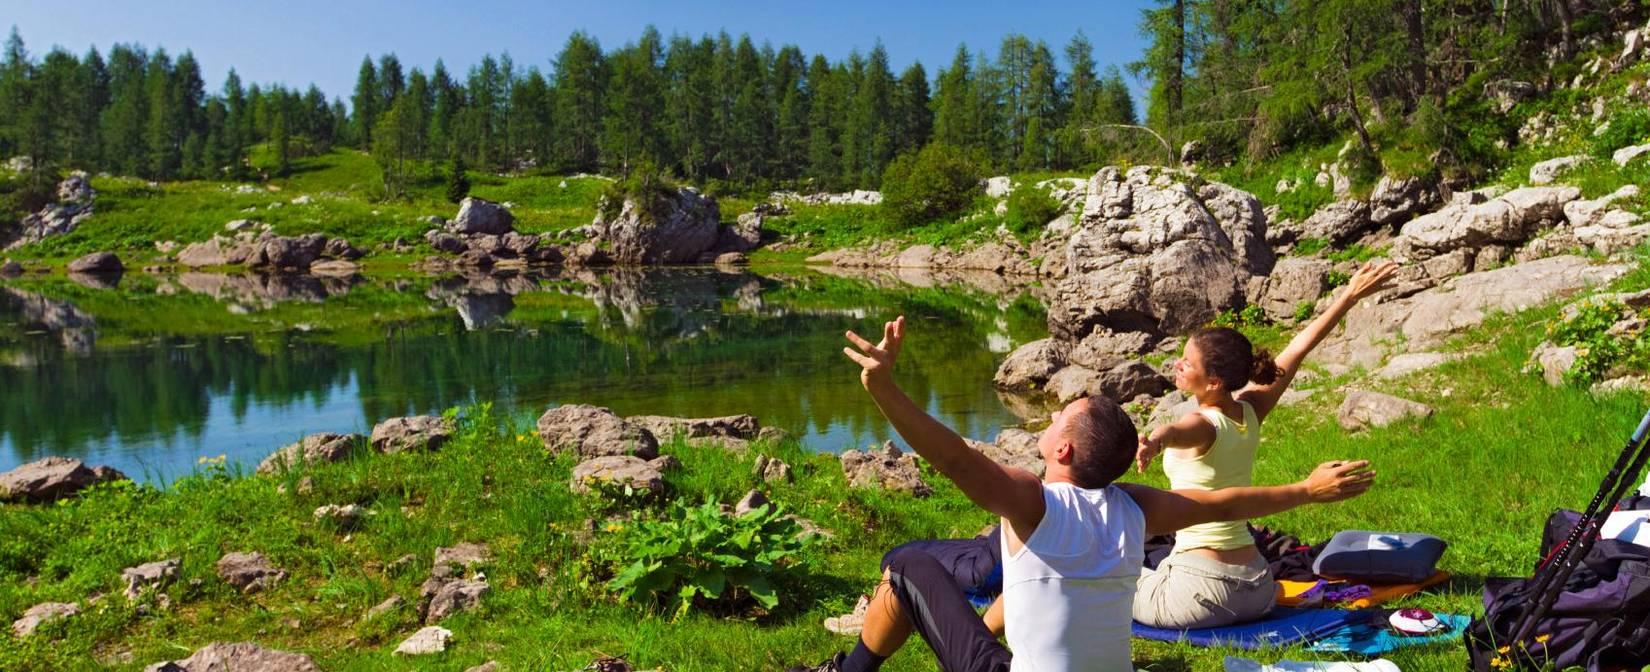 Attività e tempo libero - Hotel Naturno Alto Adige